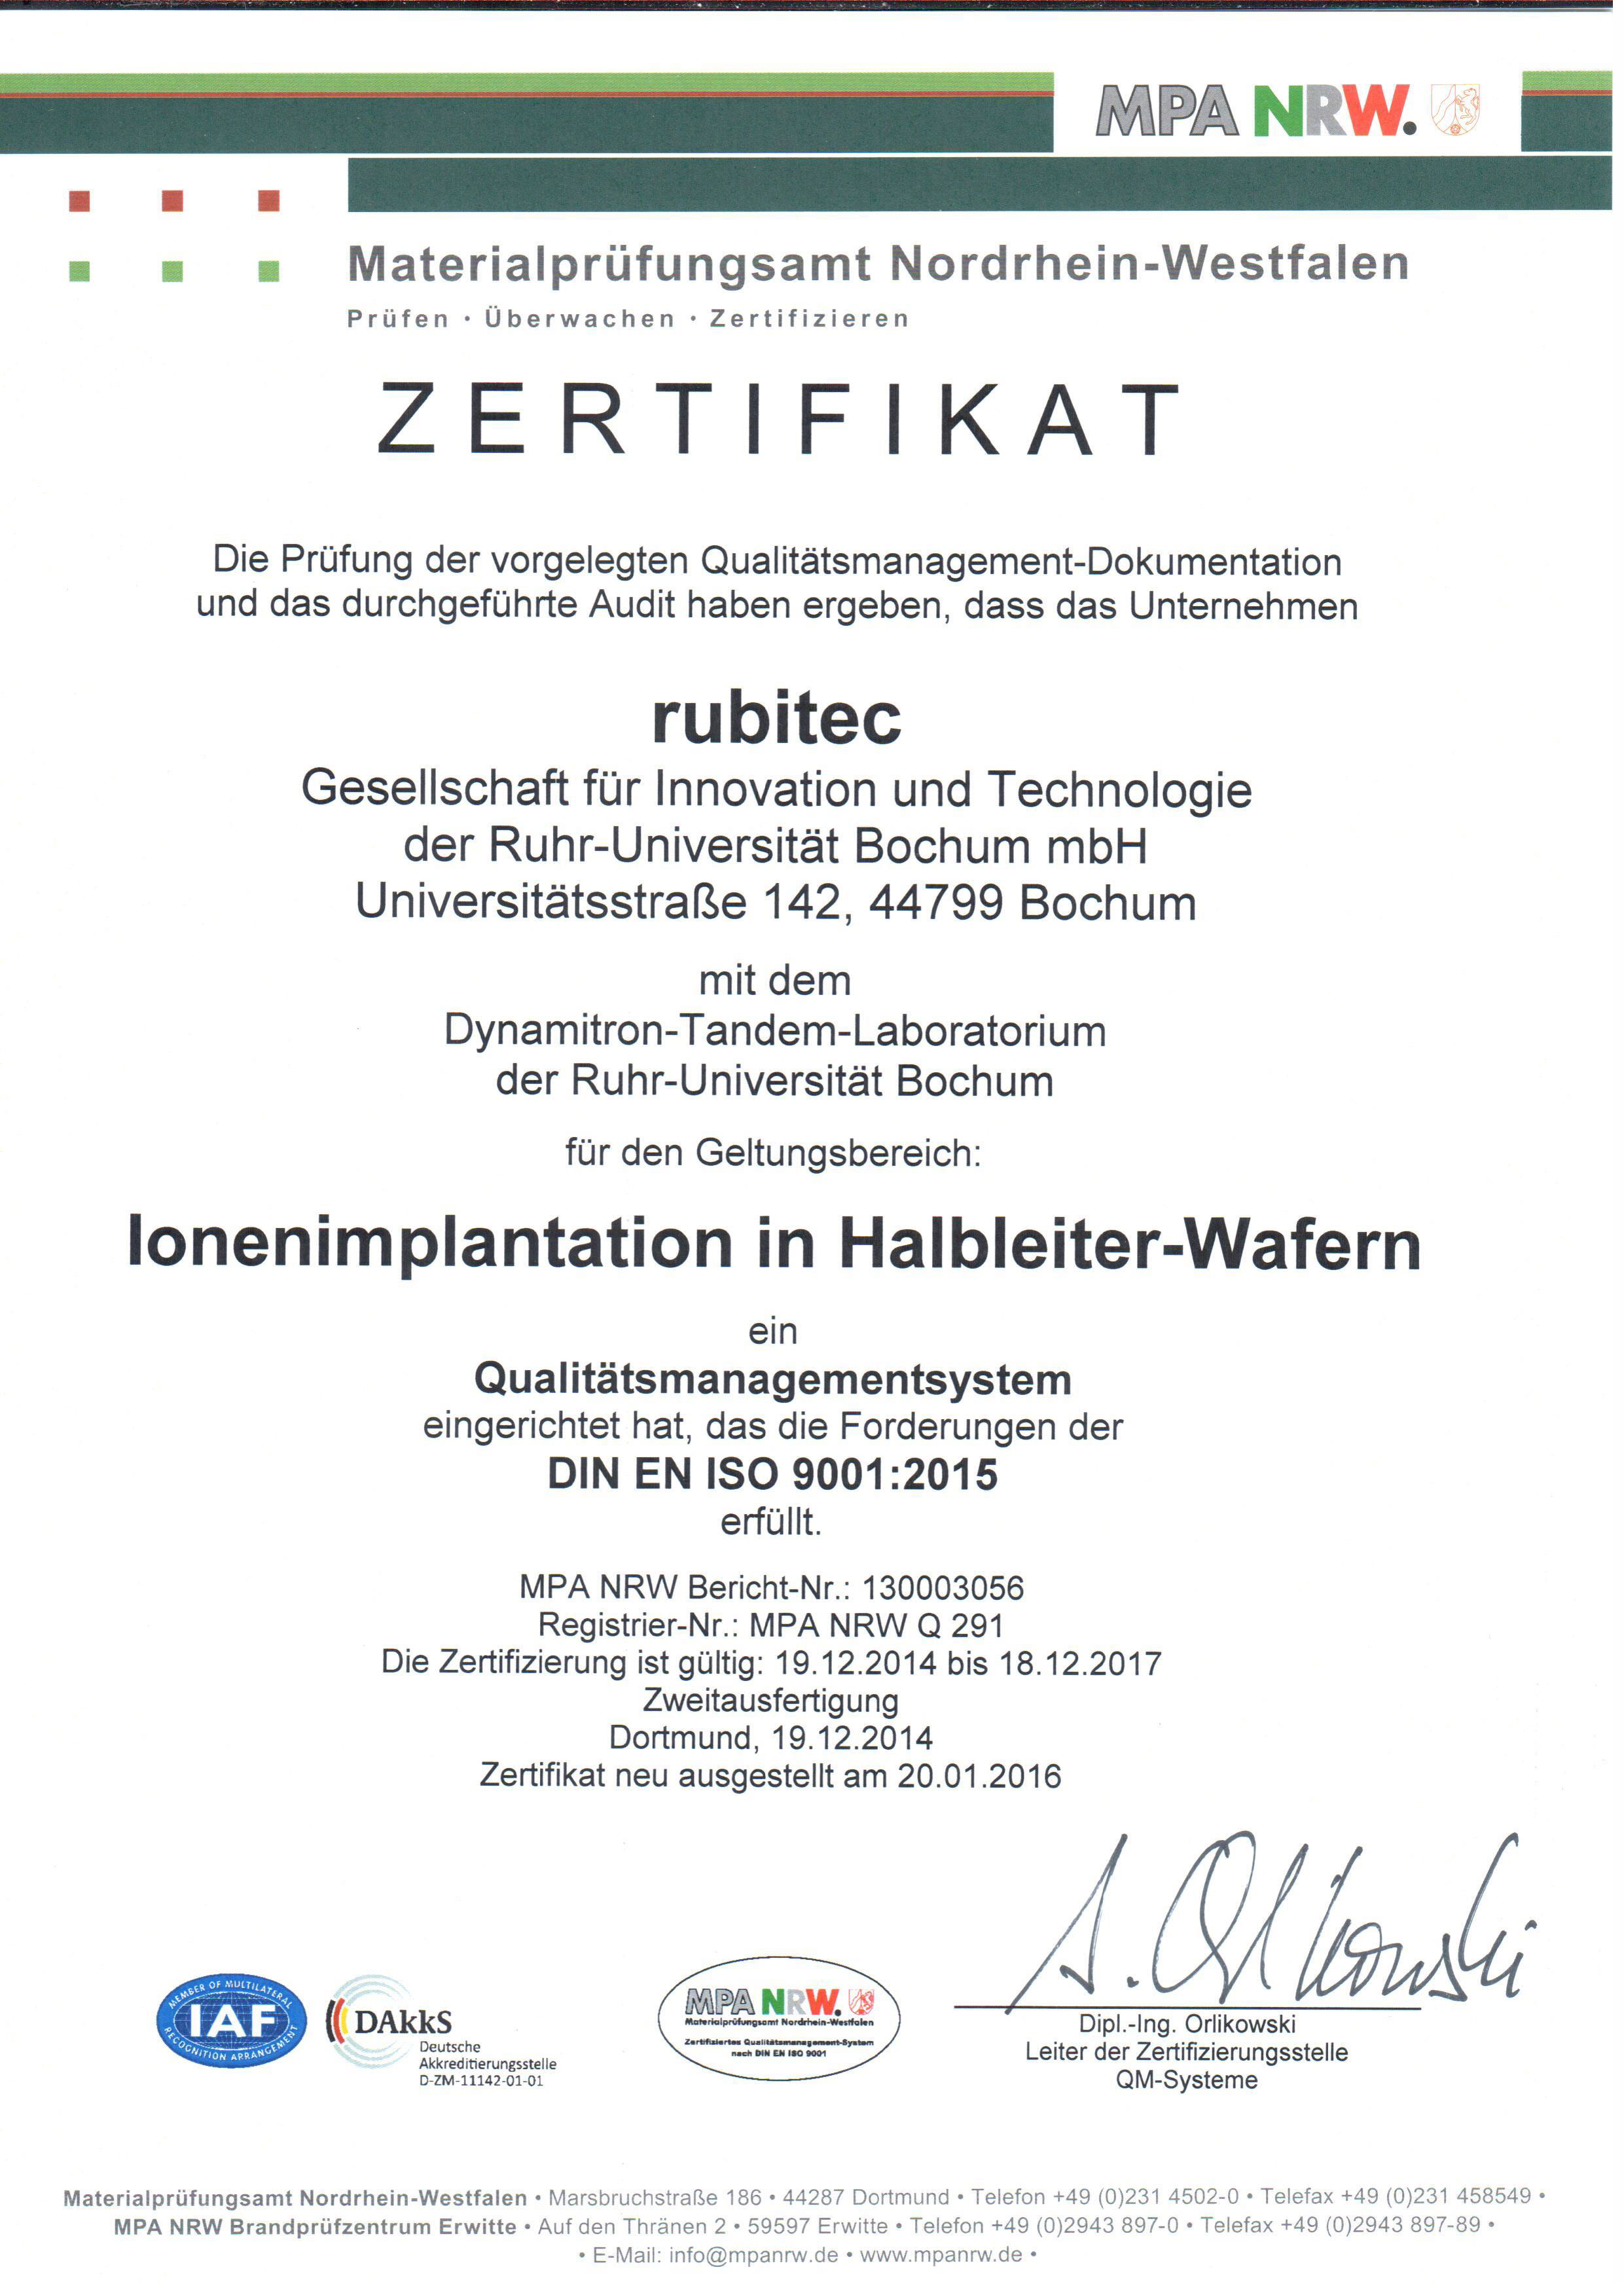 din-iso-9001-2015-zertifikat